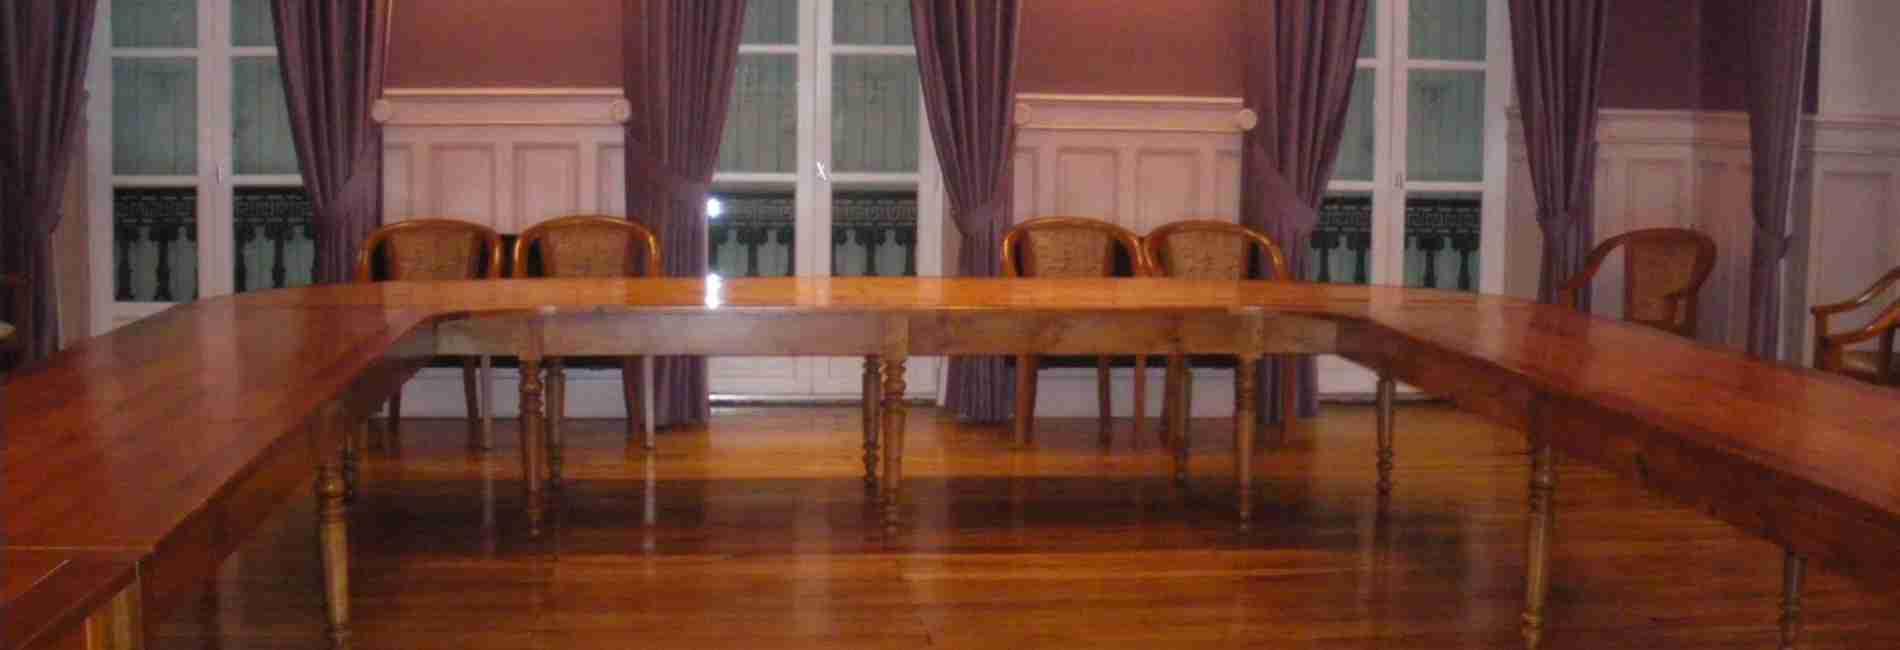 Salle du Conseil Municipal de Réalmont